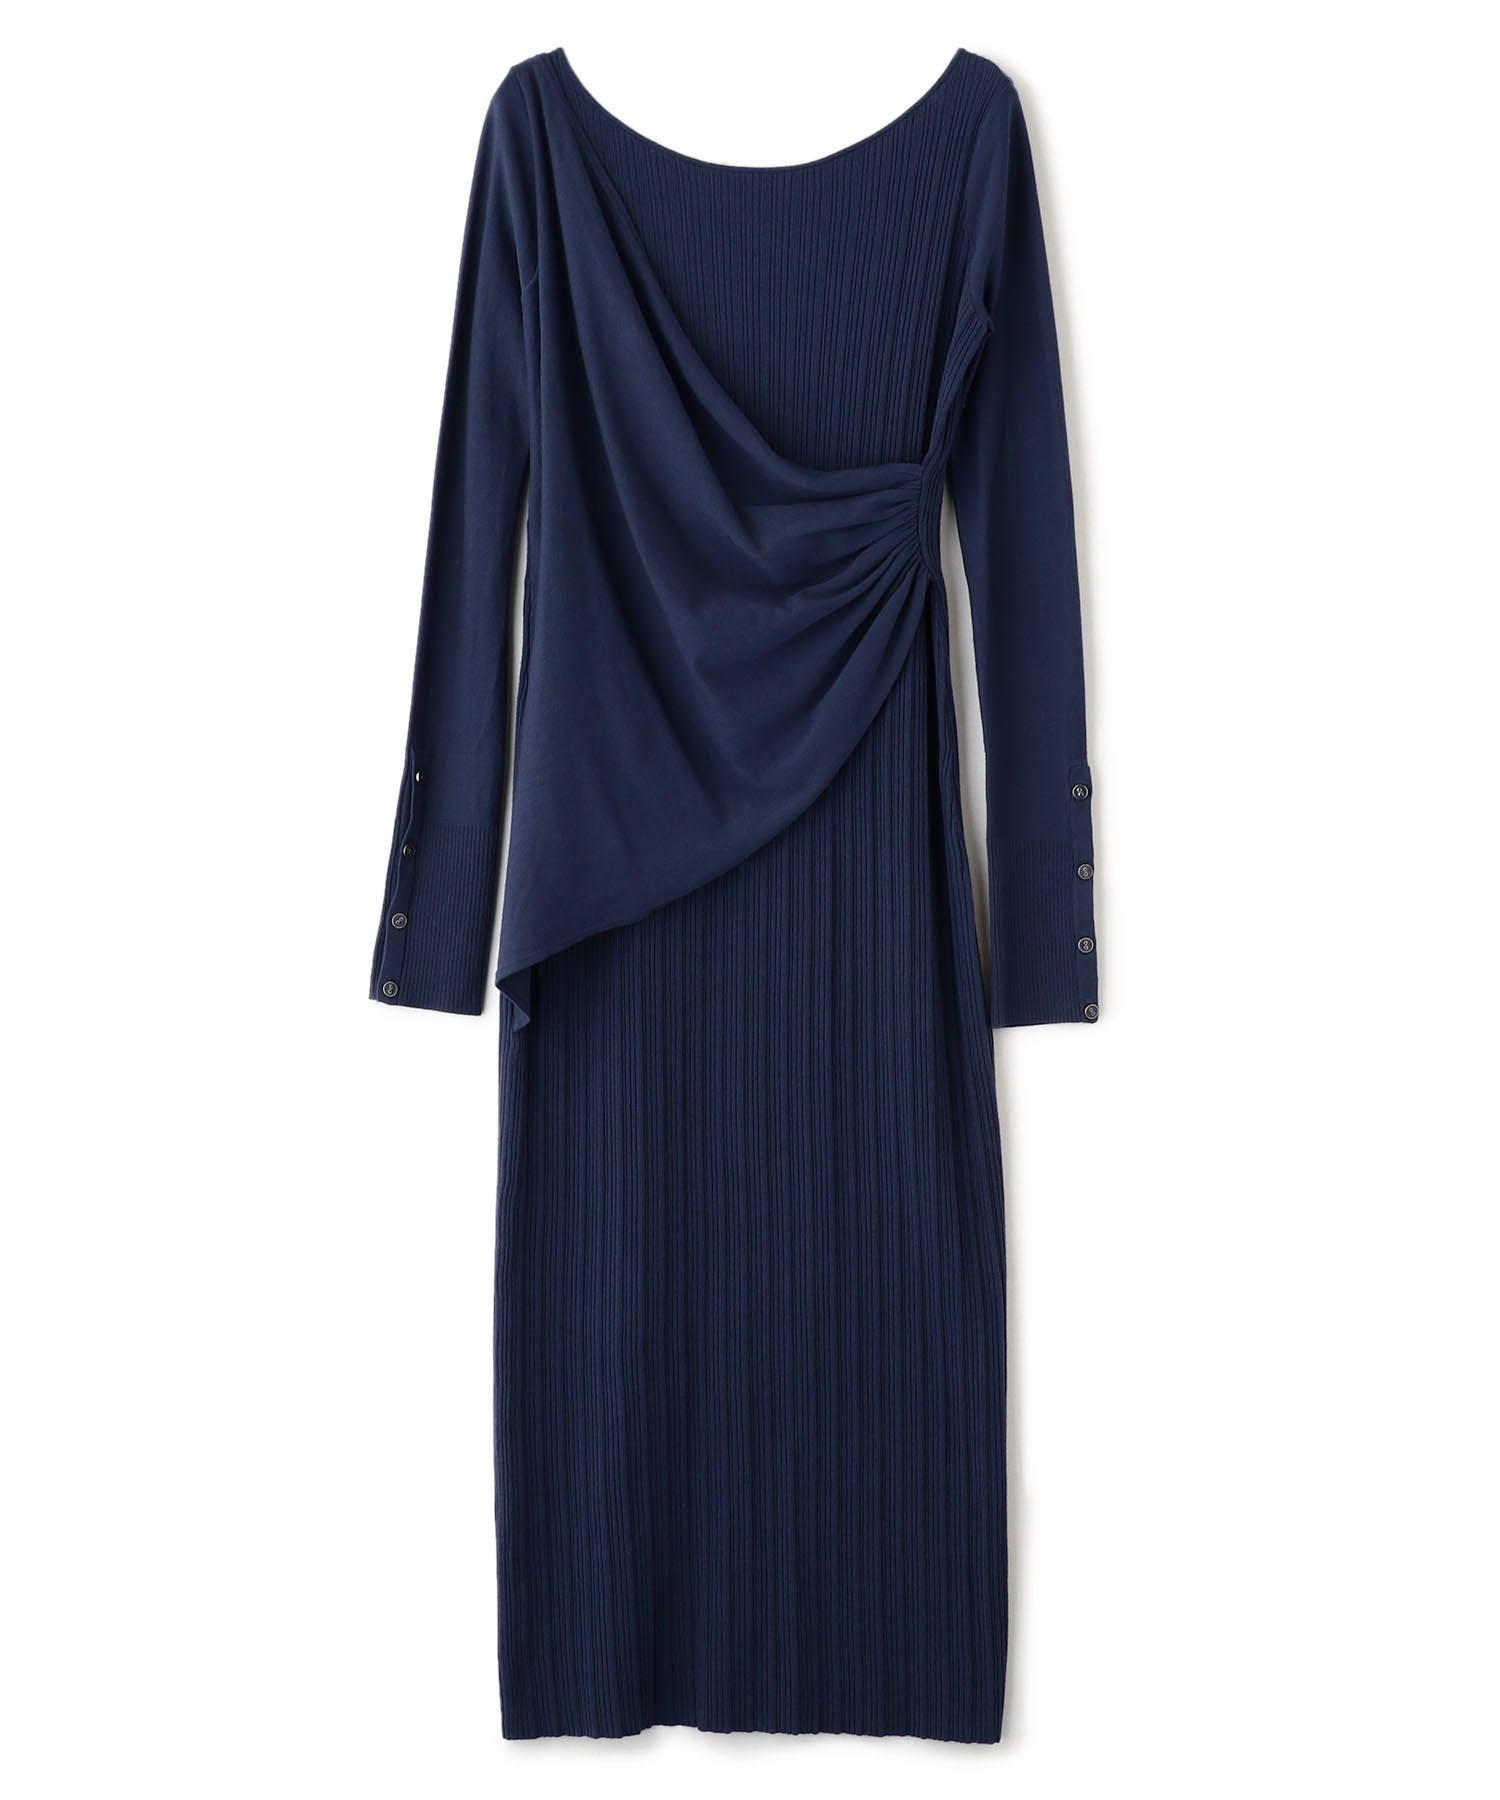 カシュクールニットドレス